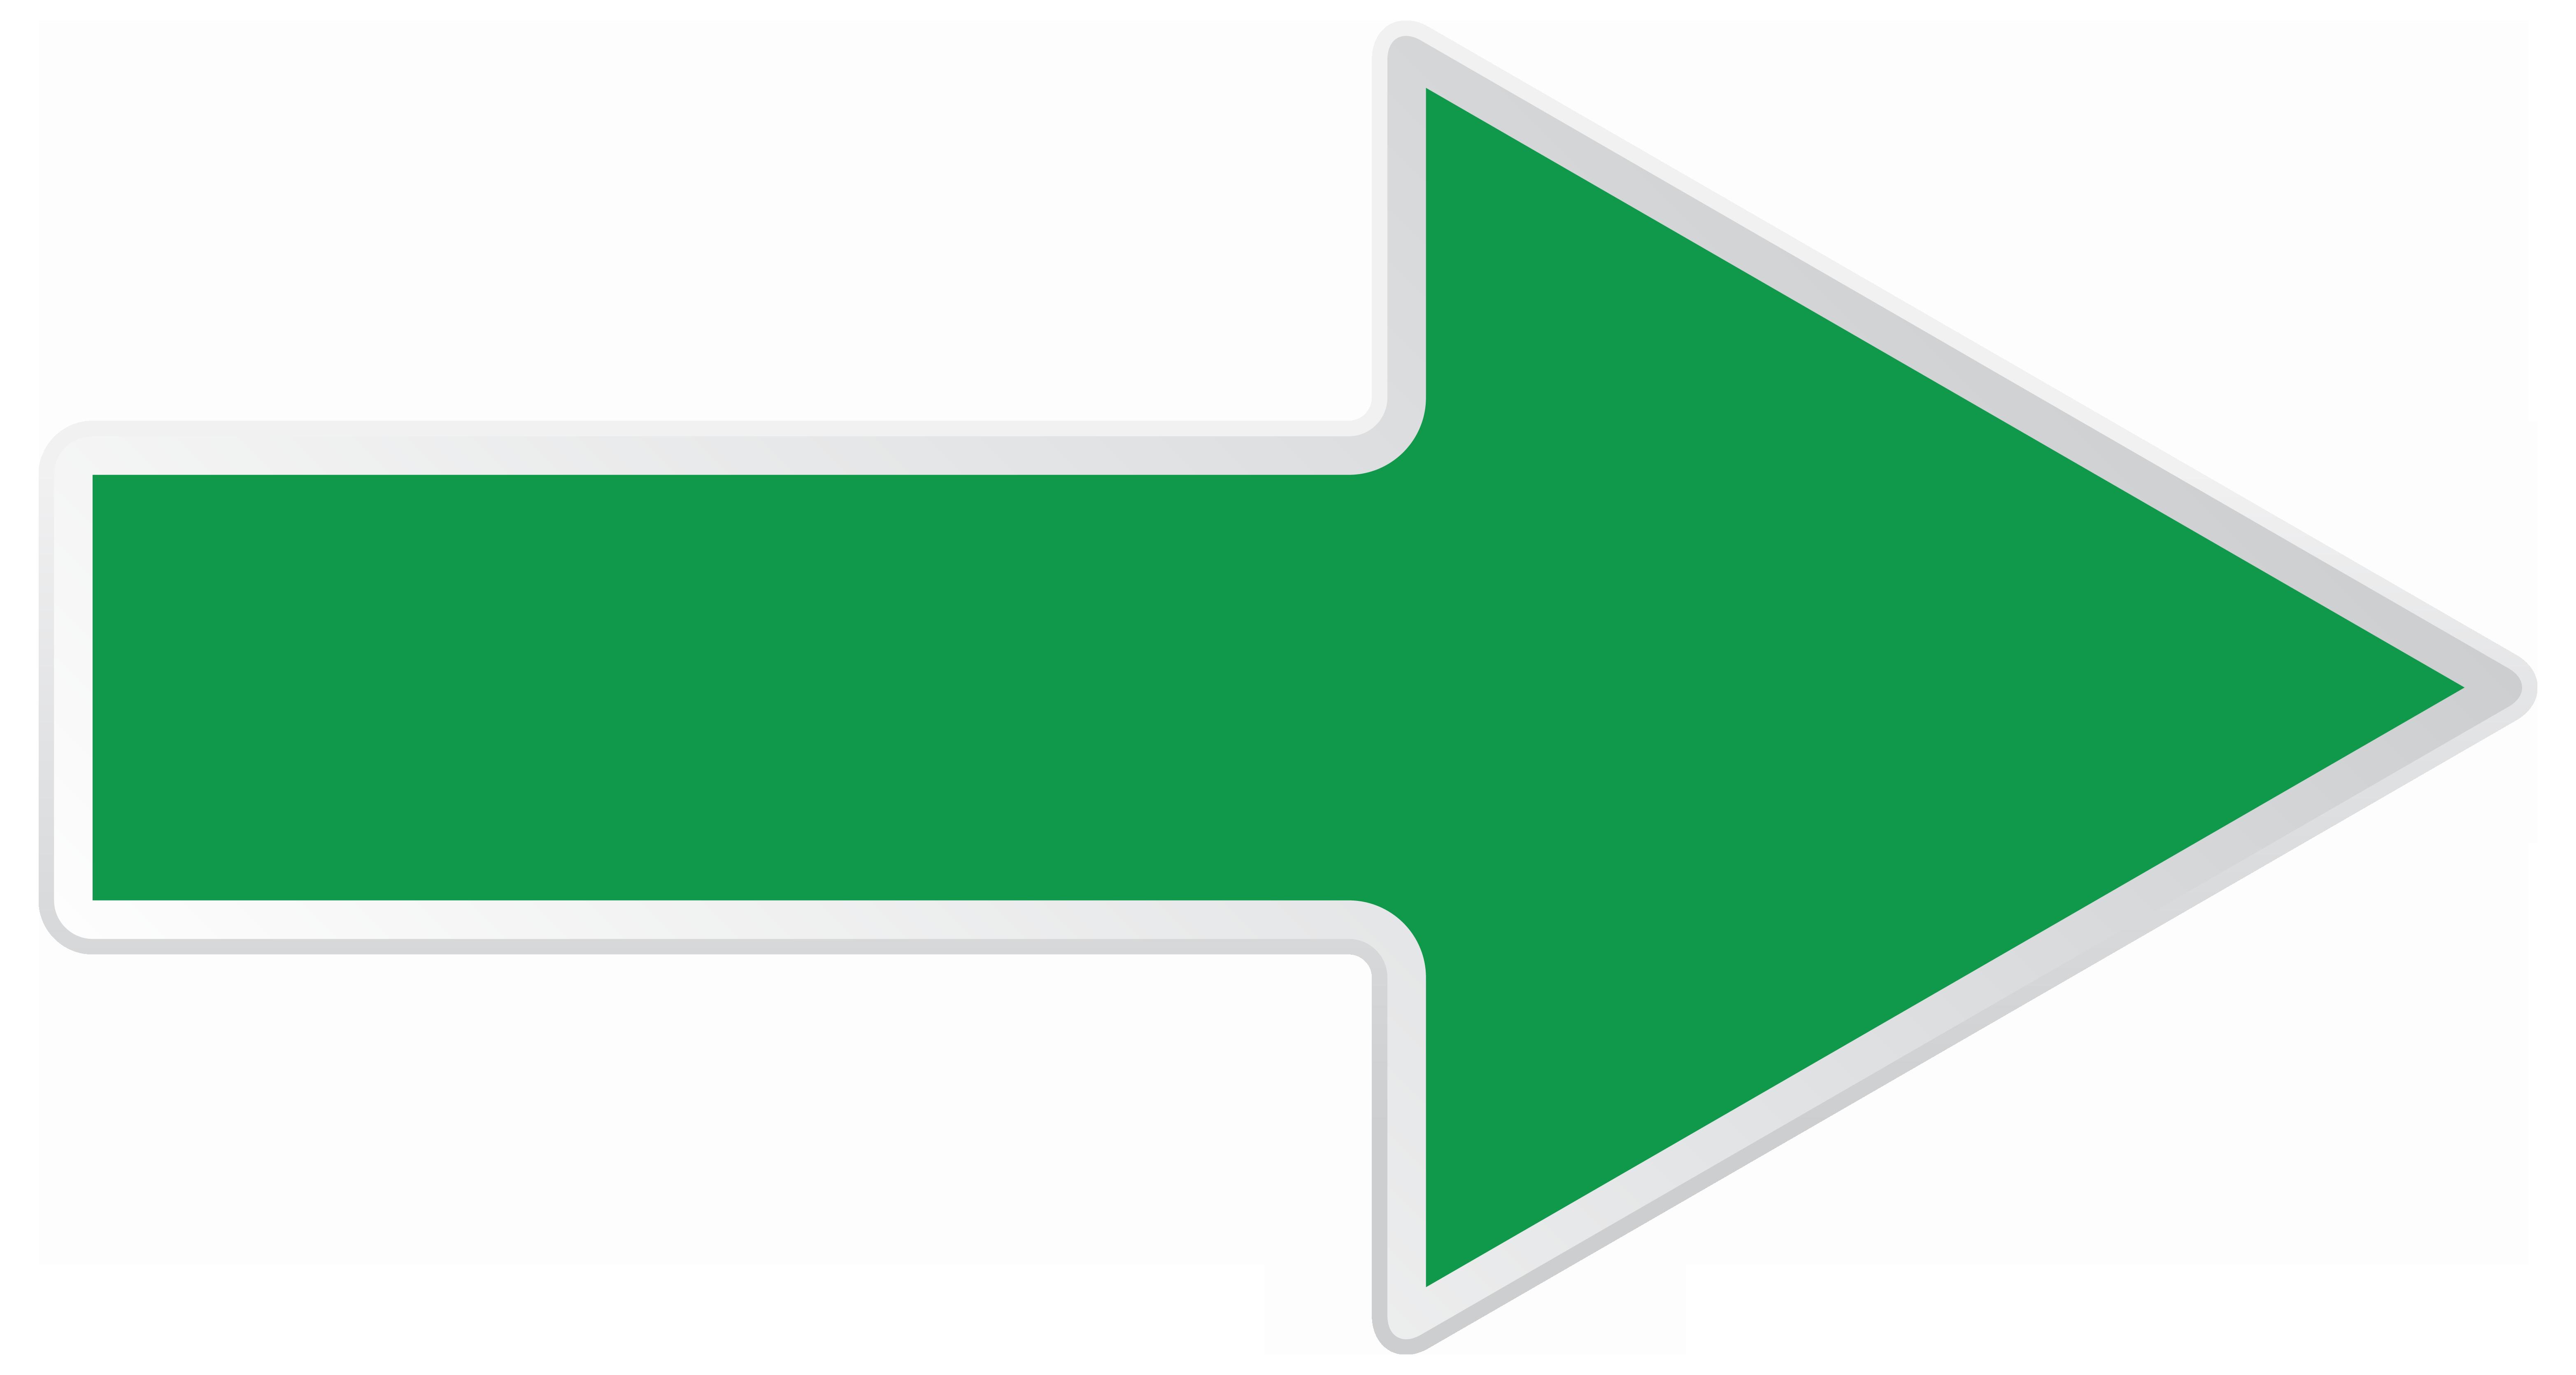 Green arrow transparent png. Arrows clipart right